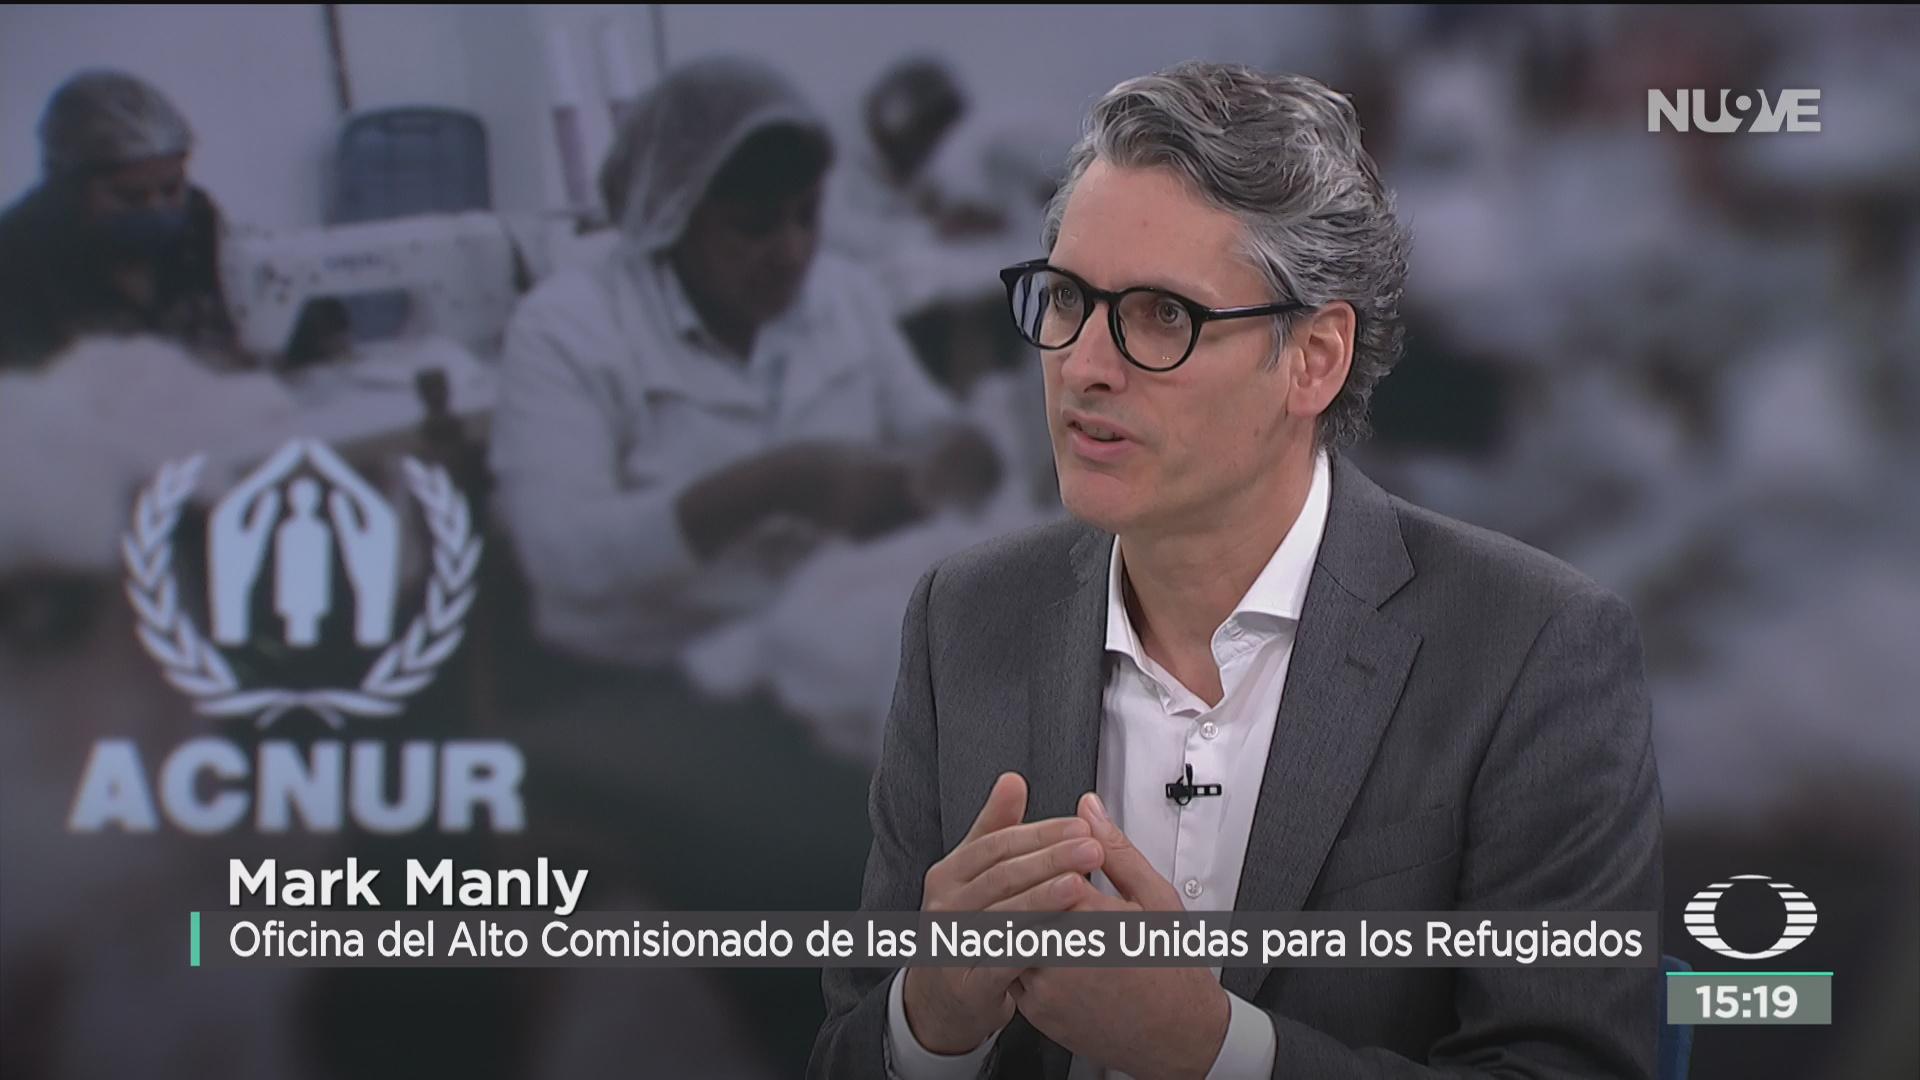 FOTO: mark manly habla sobre el proyecto para incorporar a refugiados a la economia